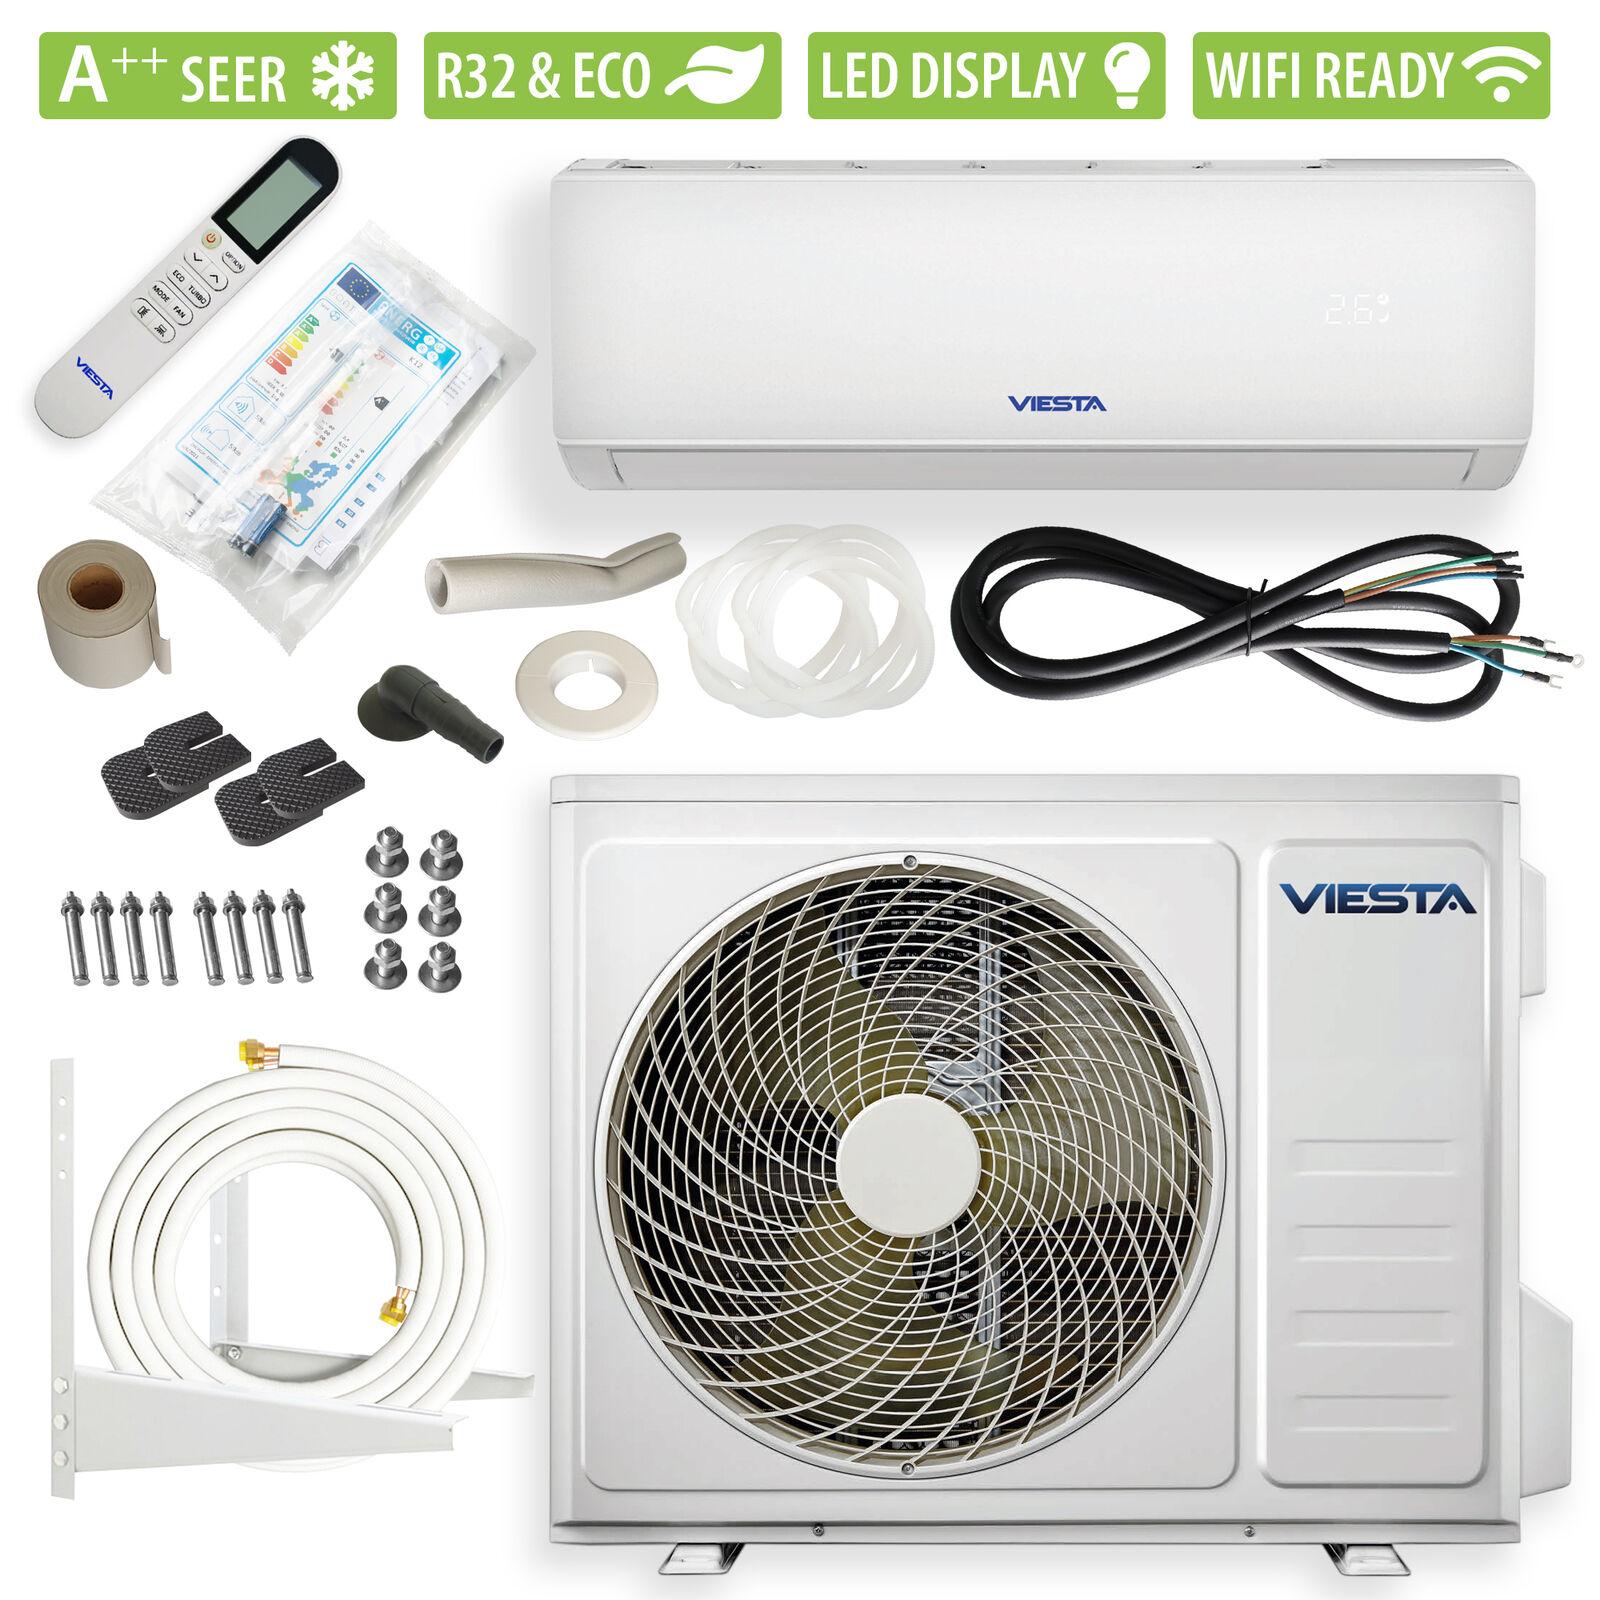 VIESTA 09SM Split Klimaanlage Klimagerät Inverter 9000BTU 2,6kW WiFi-Ready A++